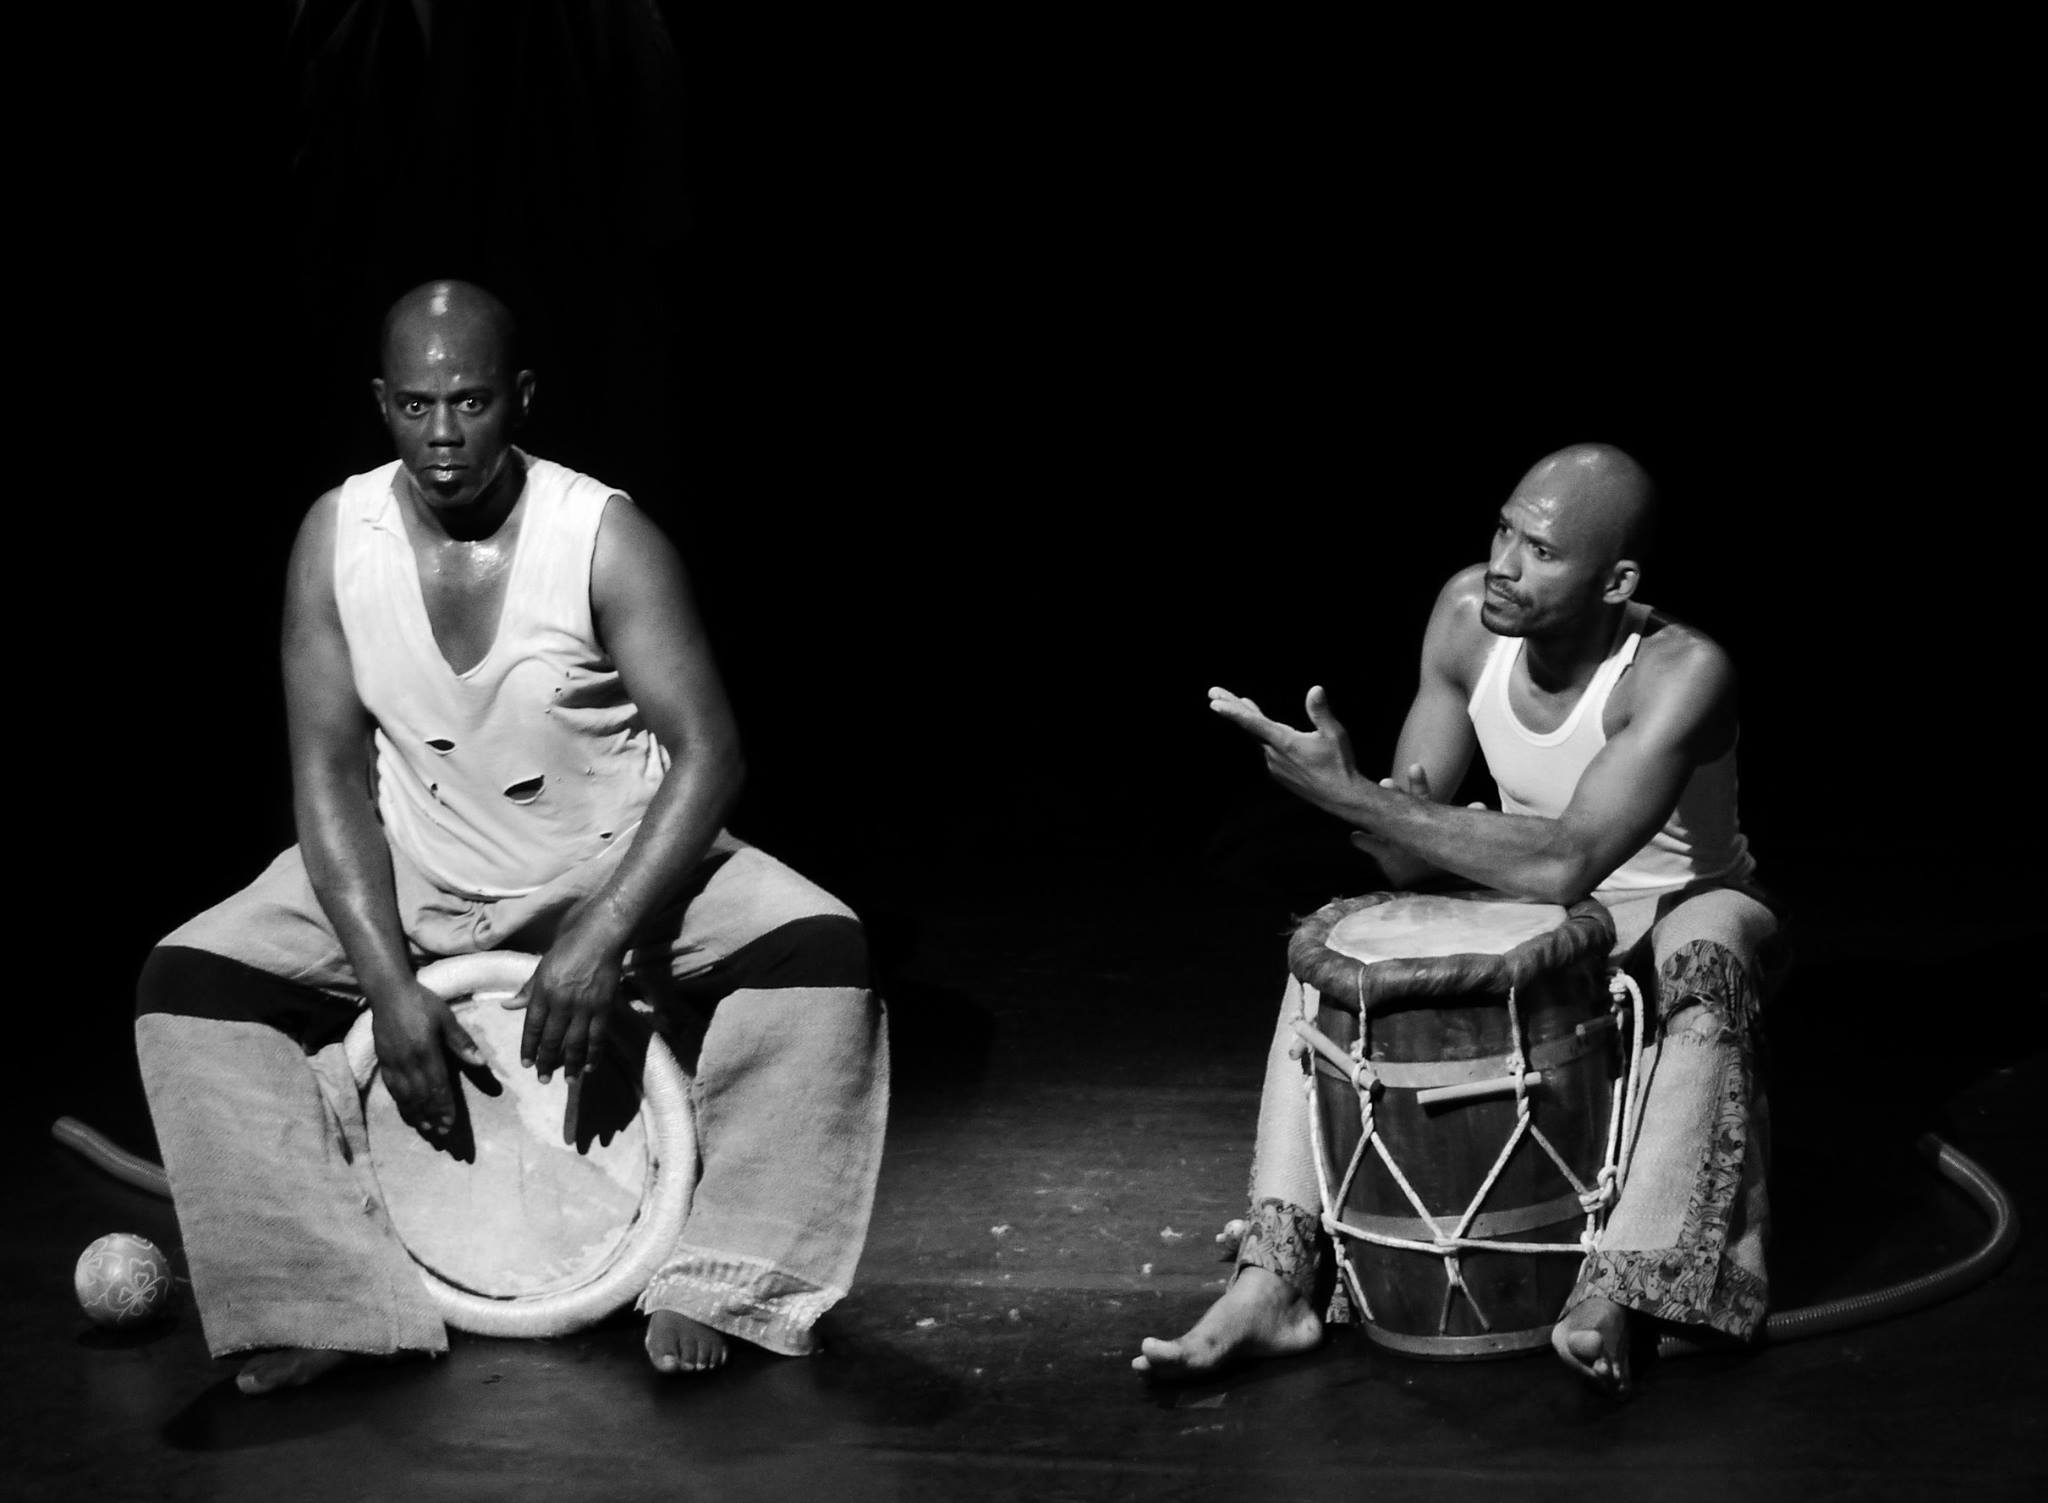 cie-boukousou-waka-douvan-jou-cite-musique-marseille-29